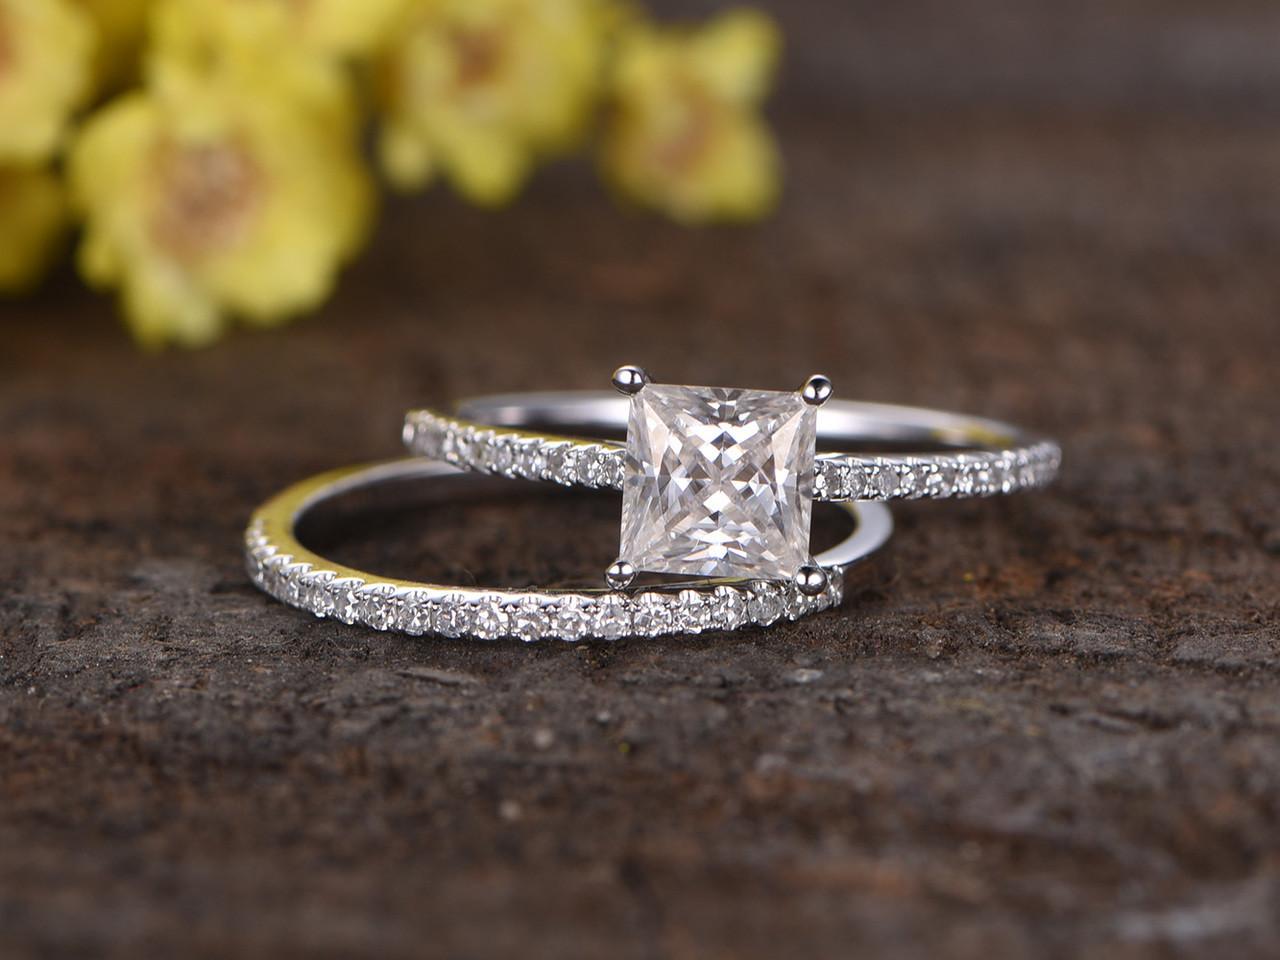 1 Carat Princess Cut Moissanite Engagement Ring Set Diamond Wedding